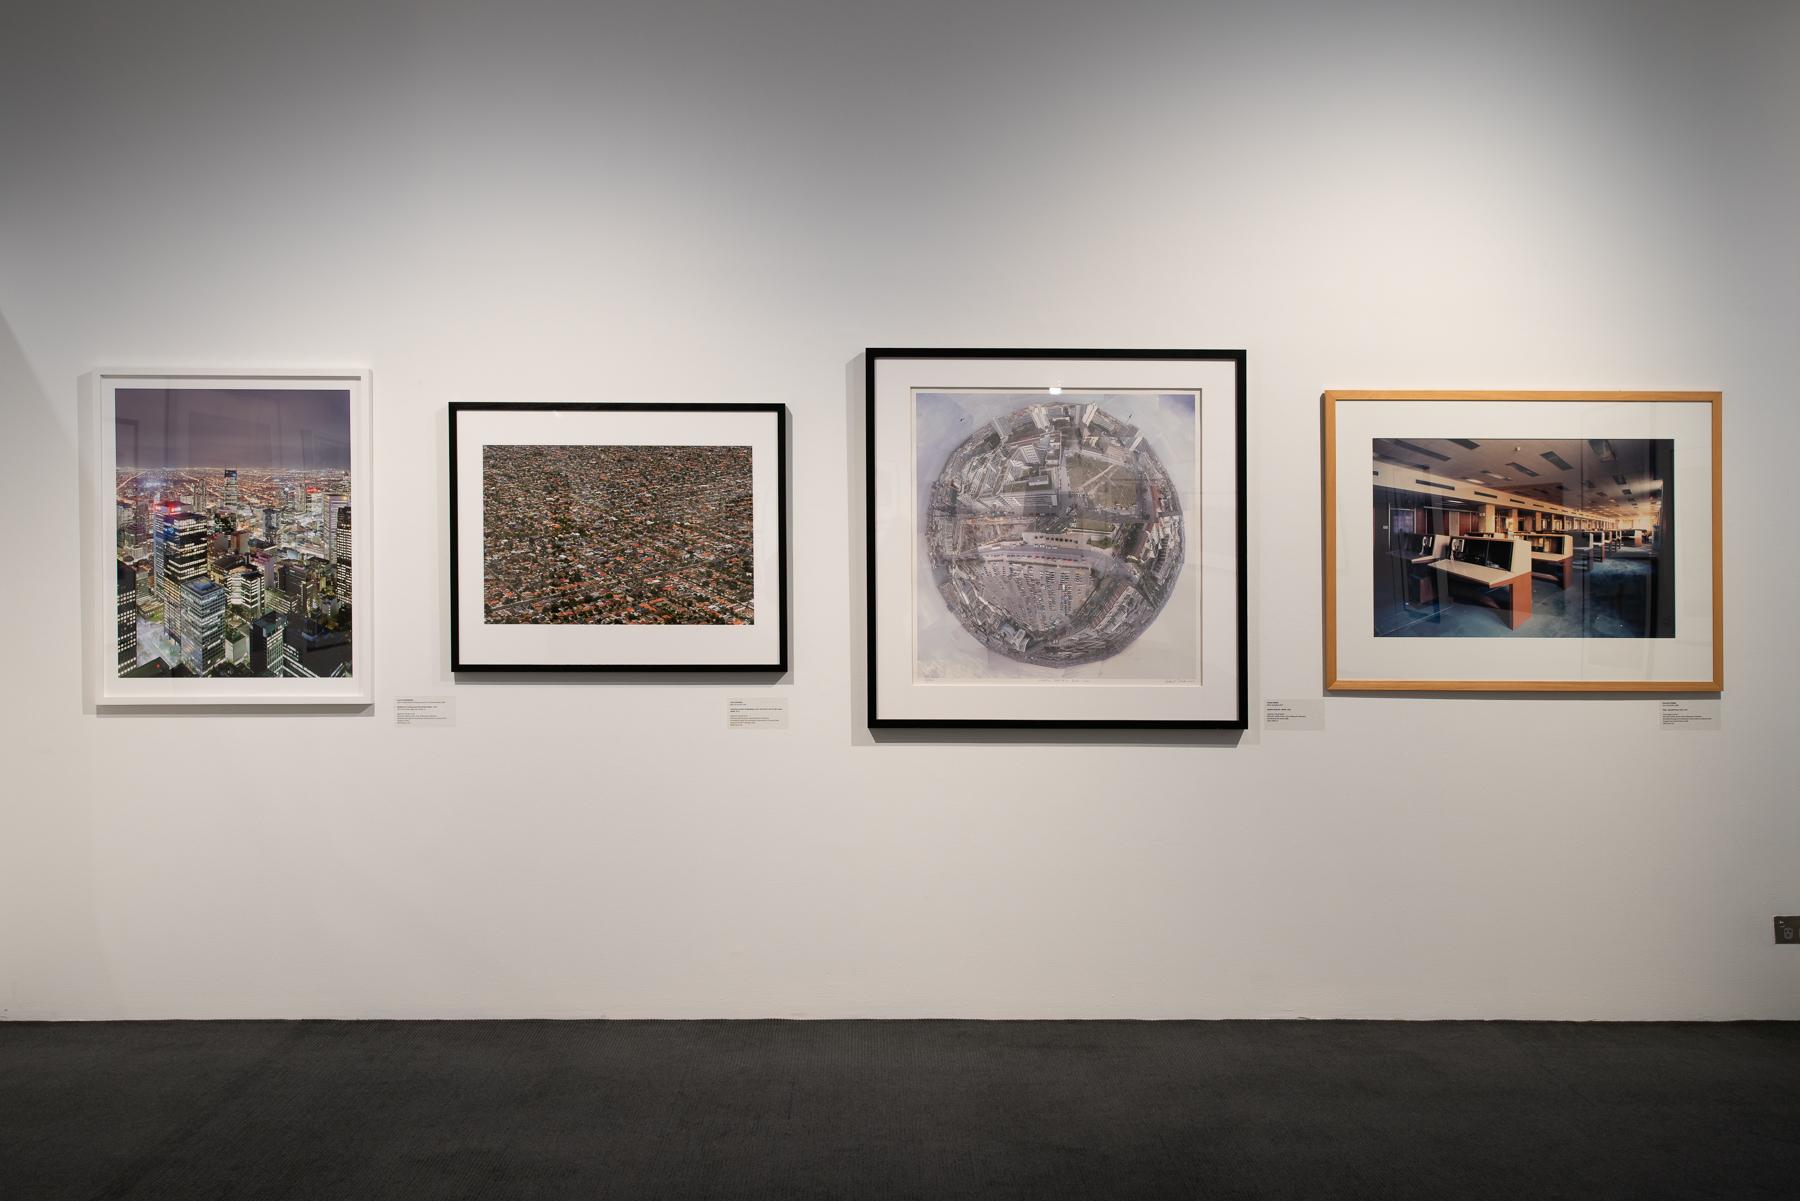 LEGACY: Landscape/Architecture